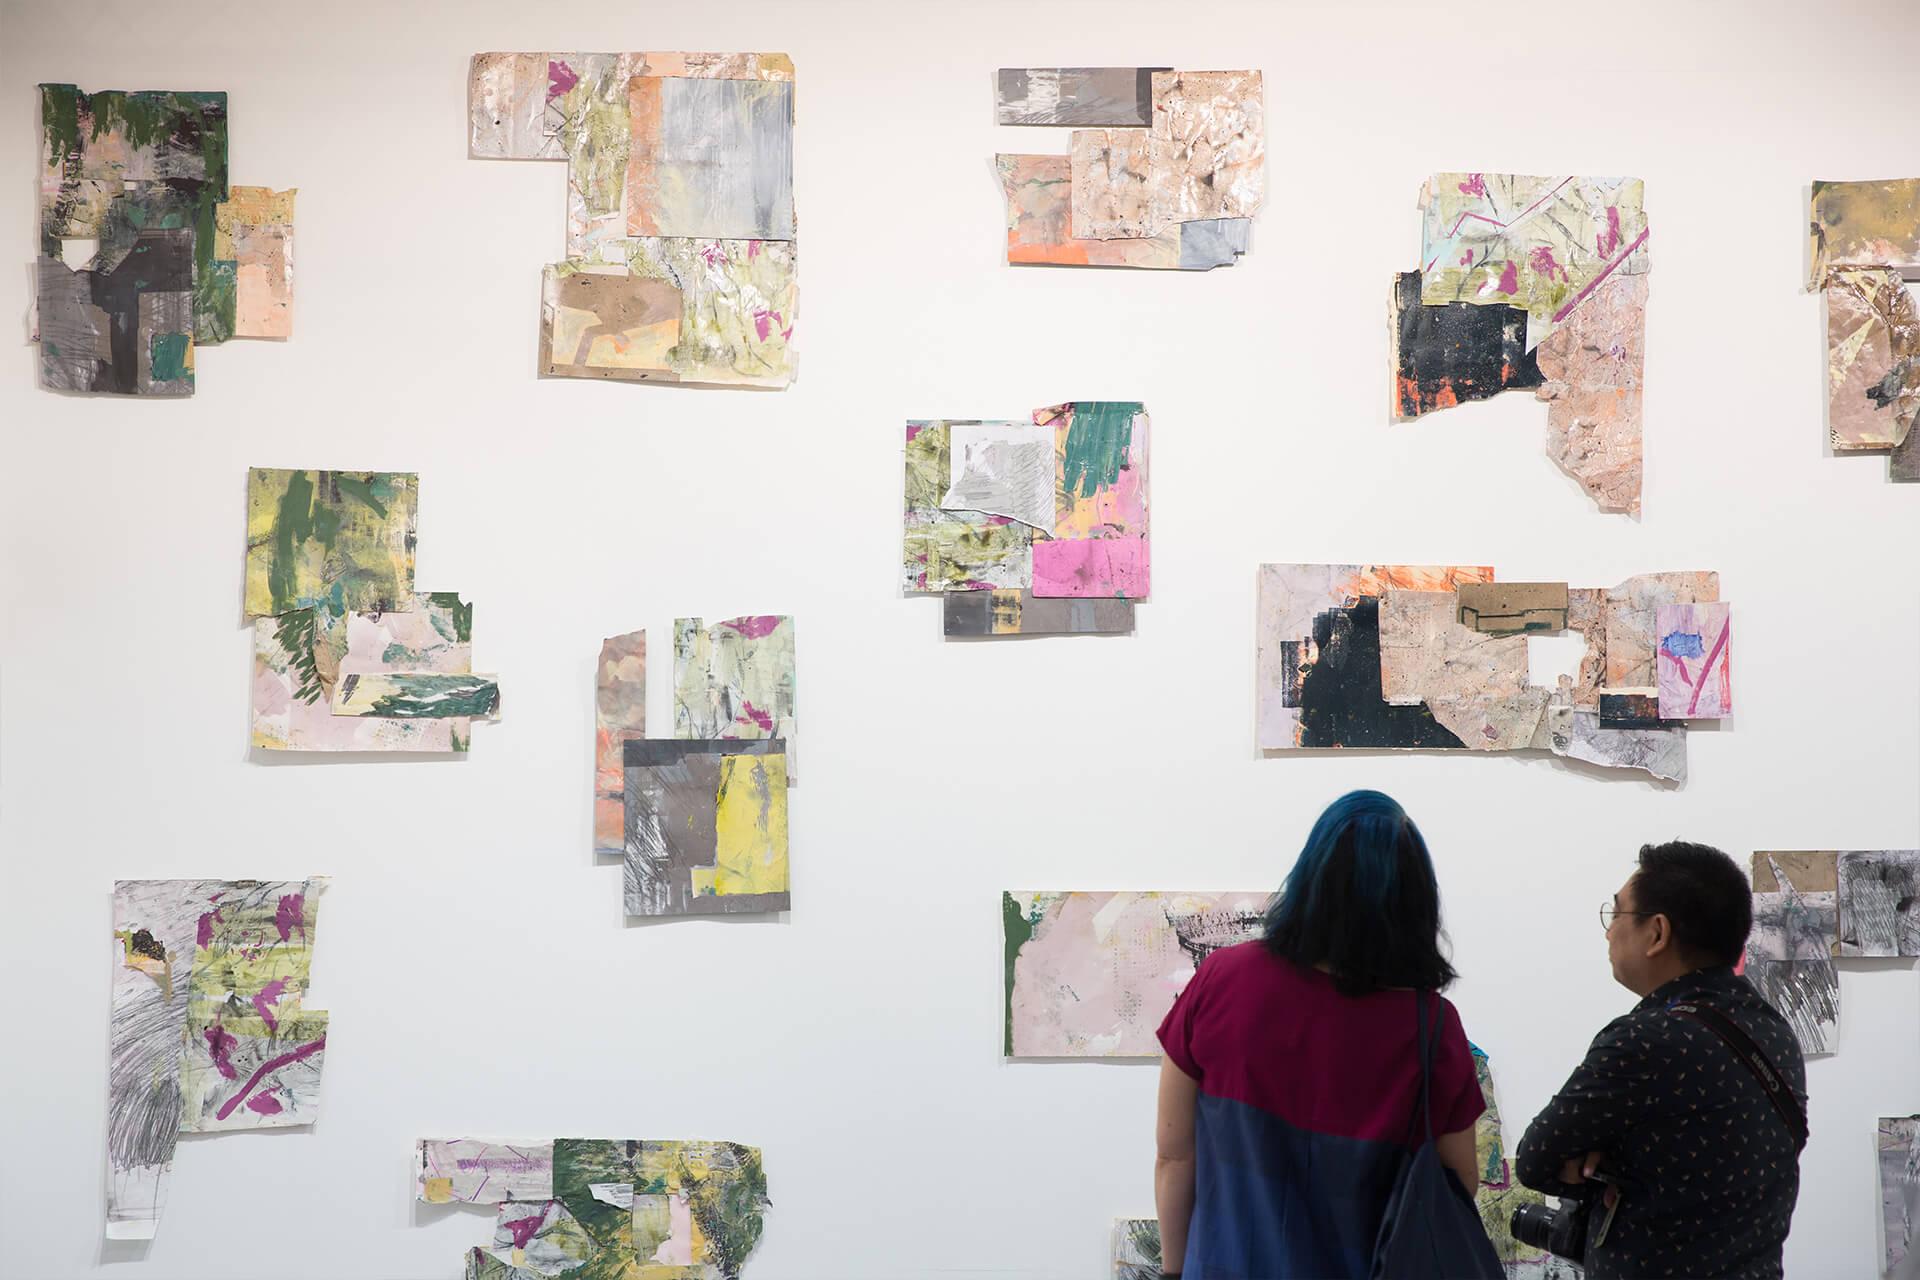 牆上掛着的是菲律賓年輕藝術家Brisa Amir的作品,也是她首個在國外的個展。